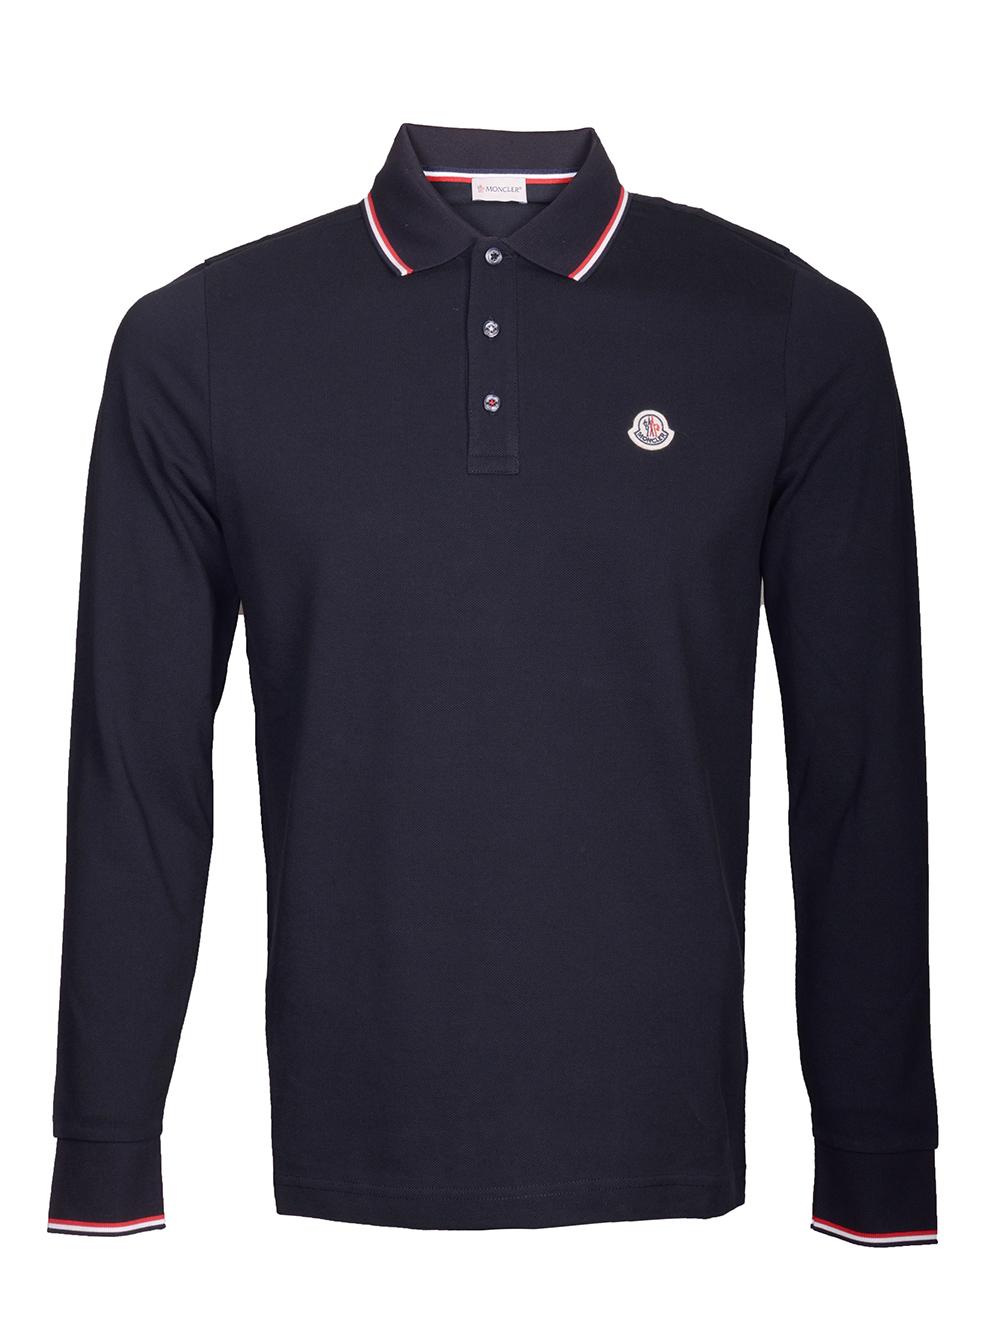 MONCLER Μπλούζα Polo E2-091-83480008 4556 ΜΠΛΕ